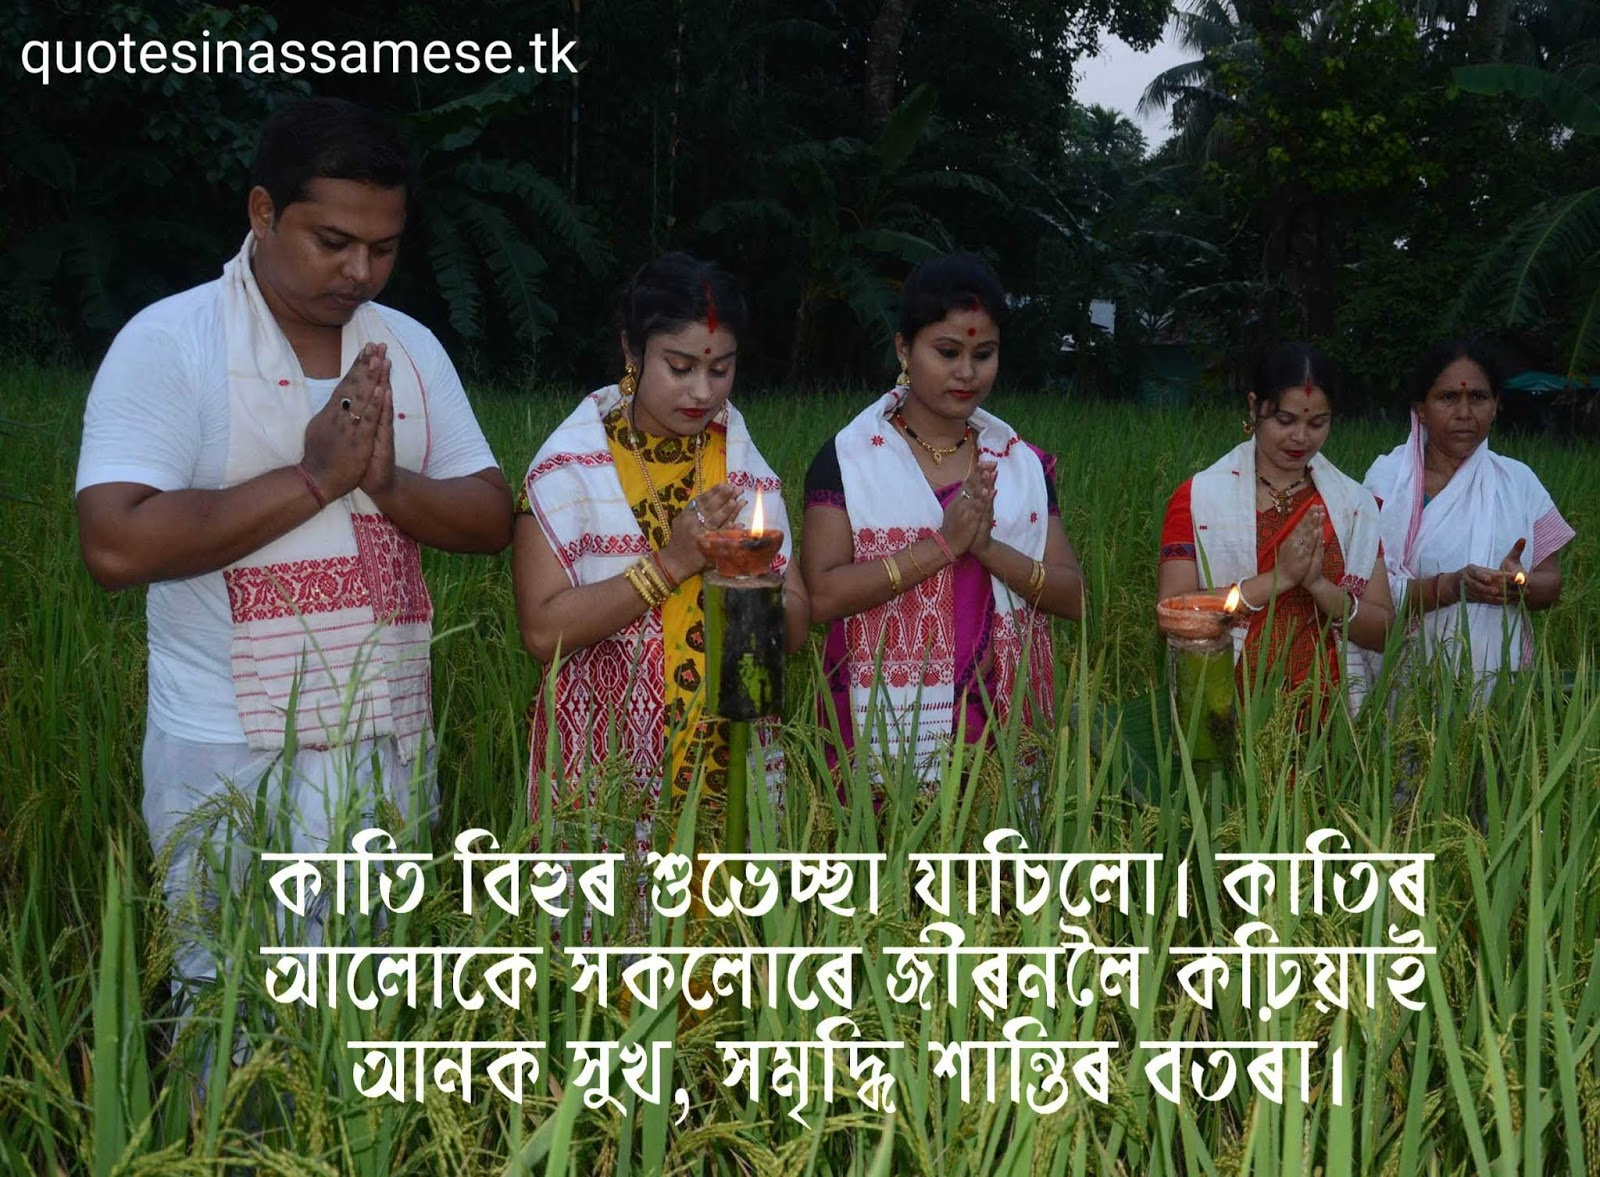 কাতি বিহুৰ শুভেচ্ছা বাণী।। Happy Kati Bihu Wish Image, Greetings, Pictures in Assamese for Whatsapp, Facebook, Twitter.